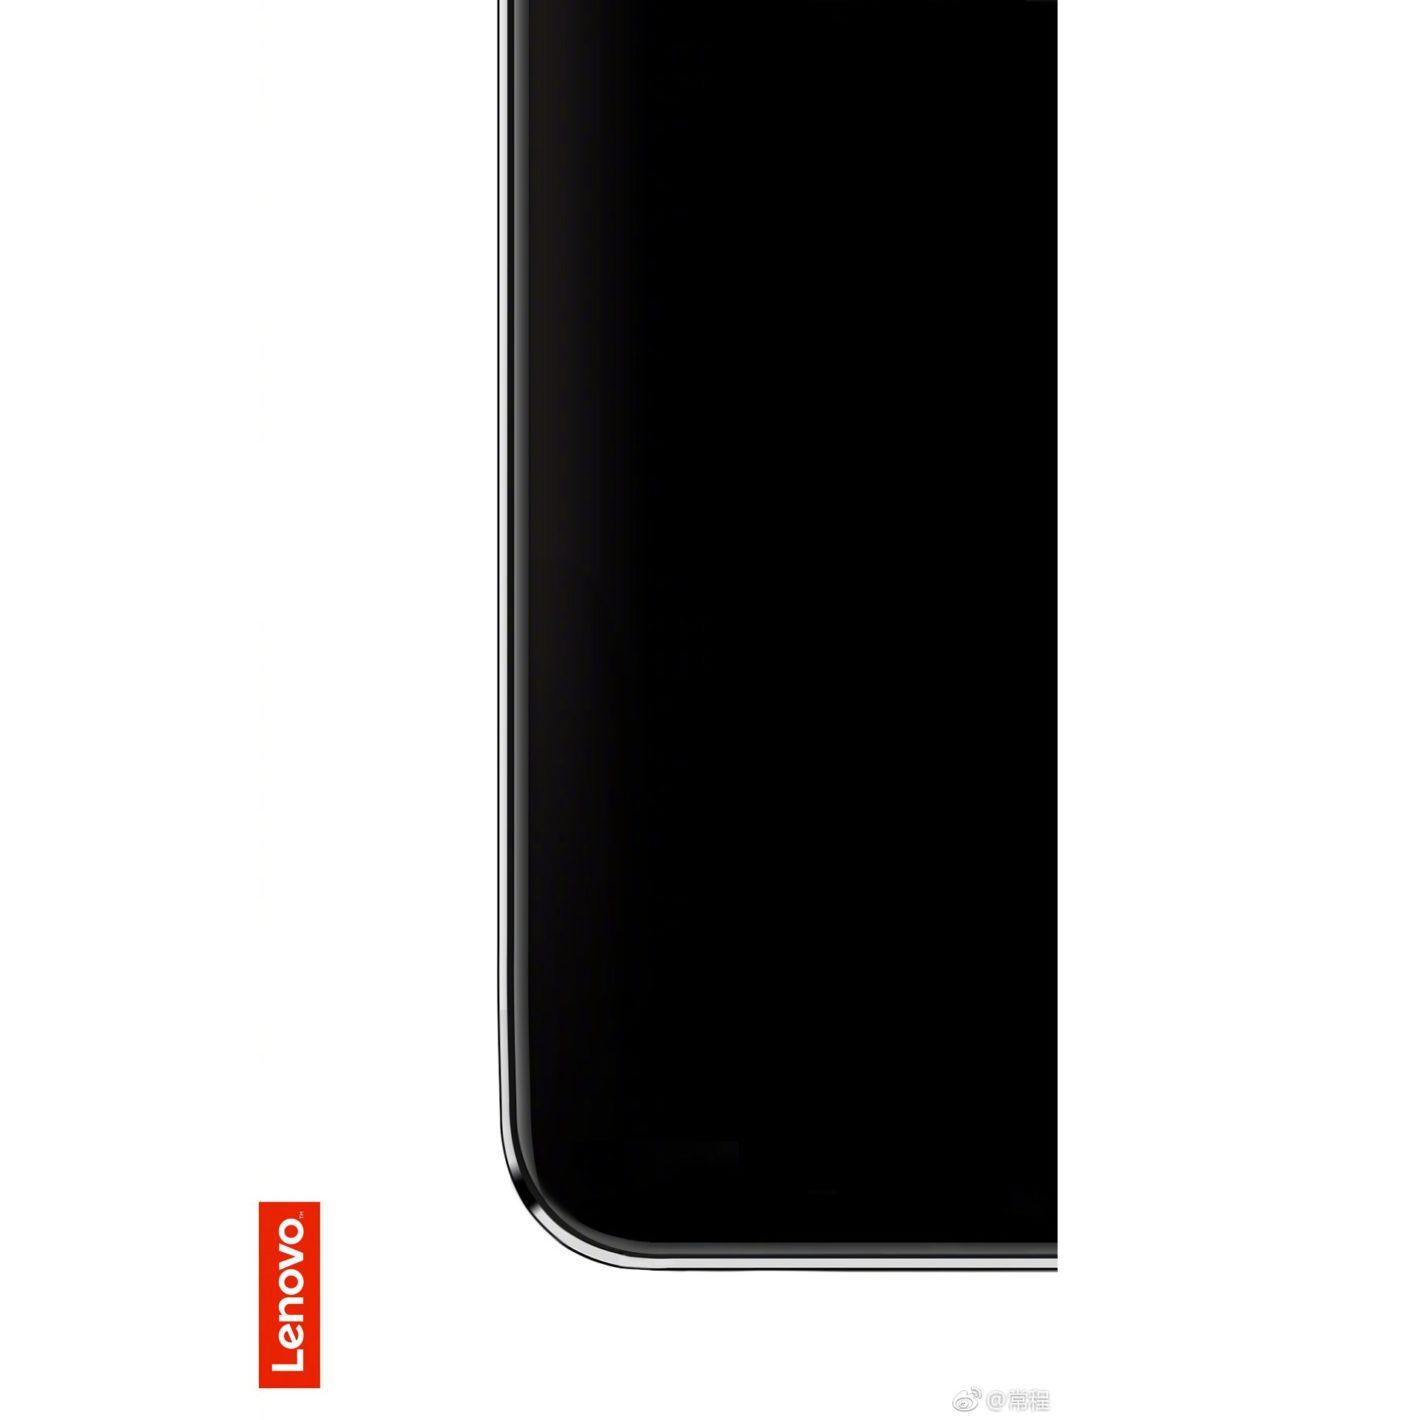 Lenovo Z5 third teaser 2